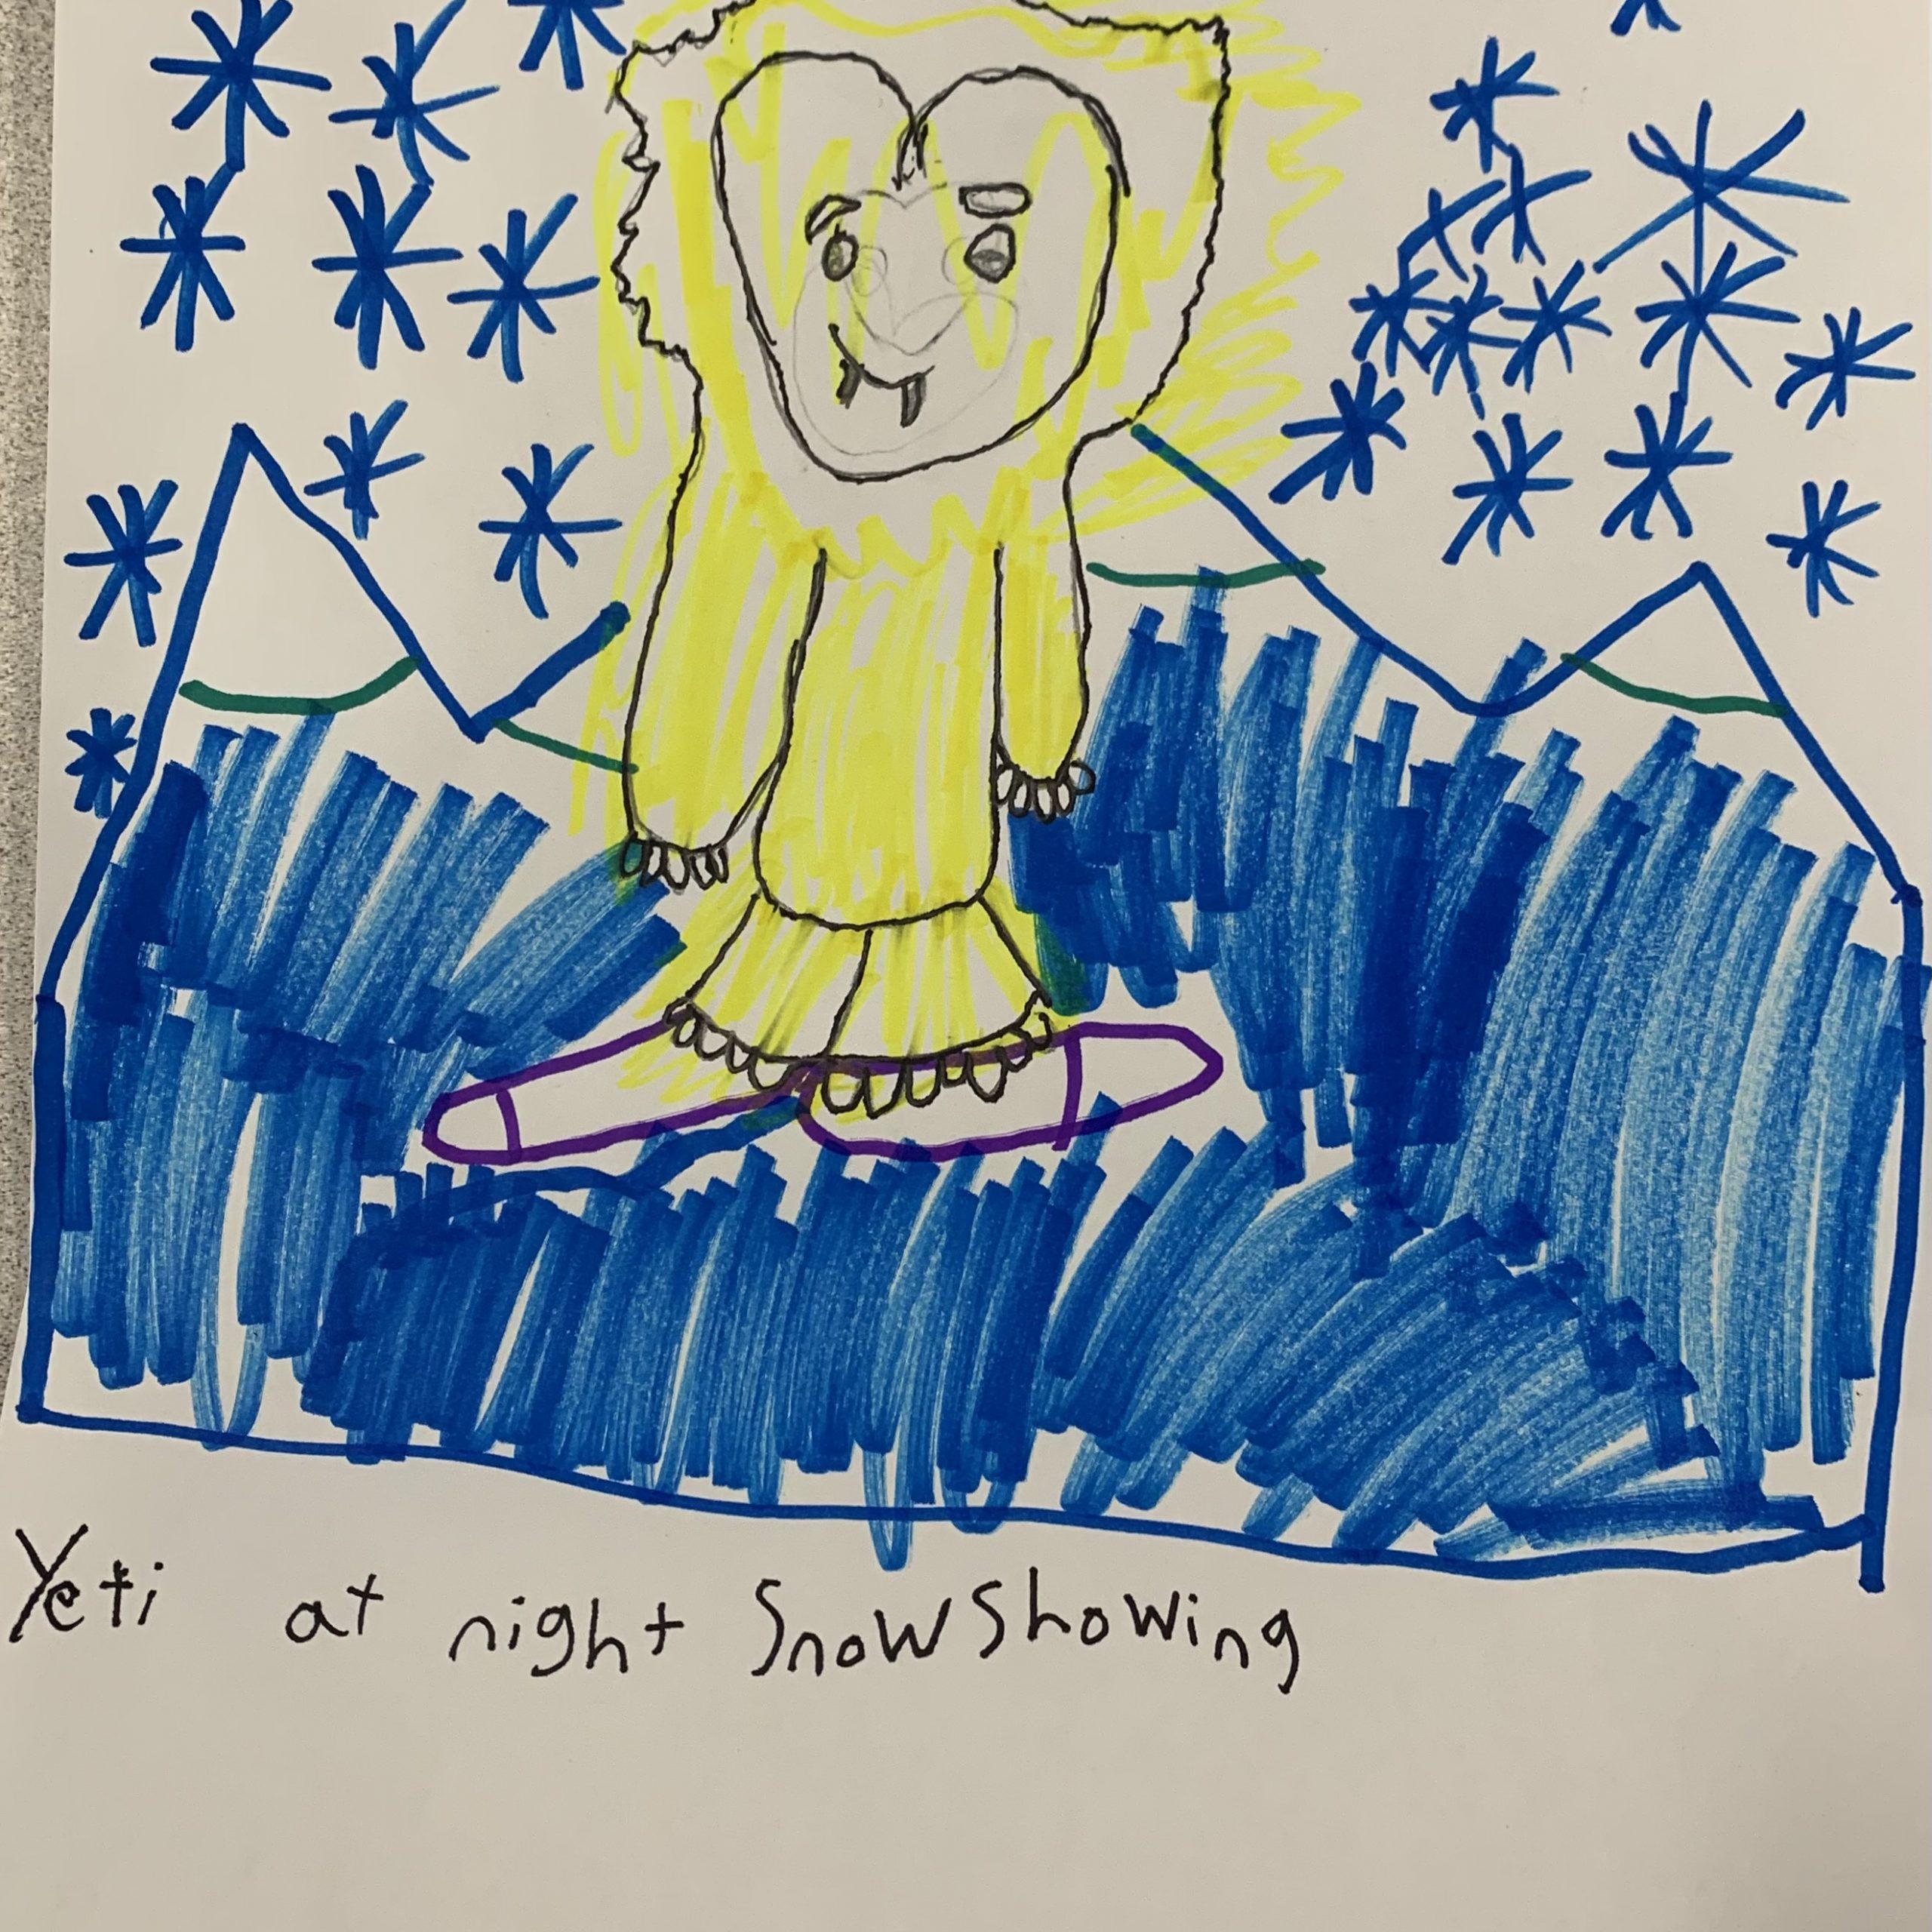 yeti at night snowshowing lillian m